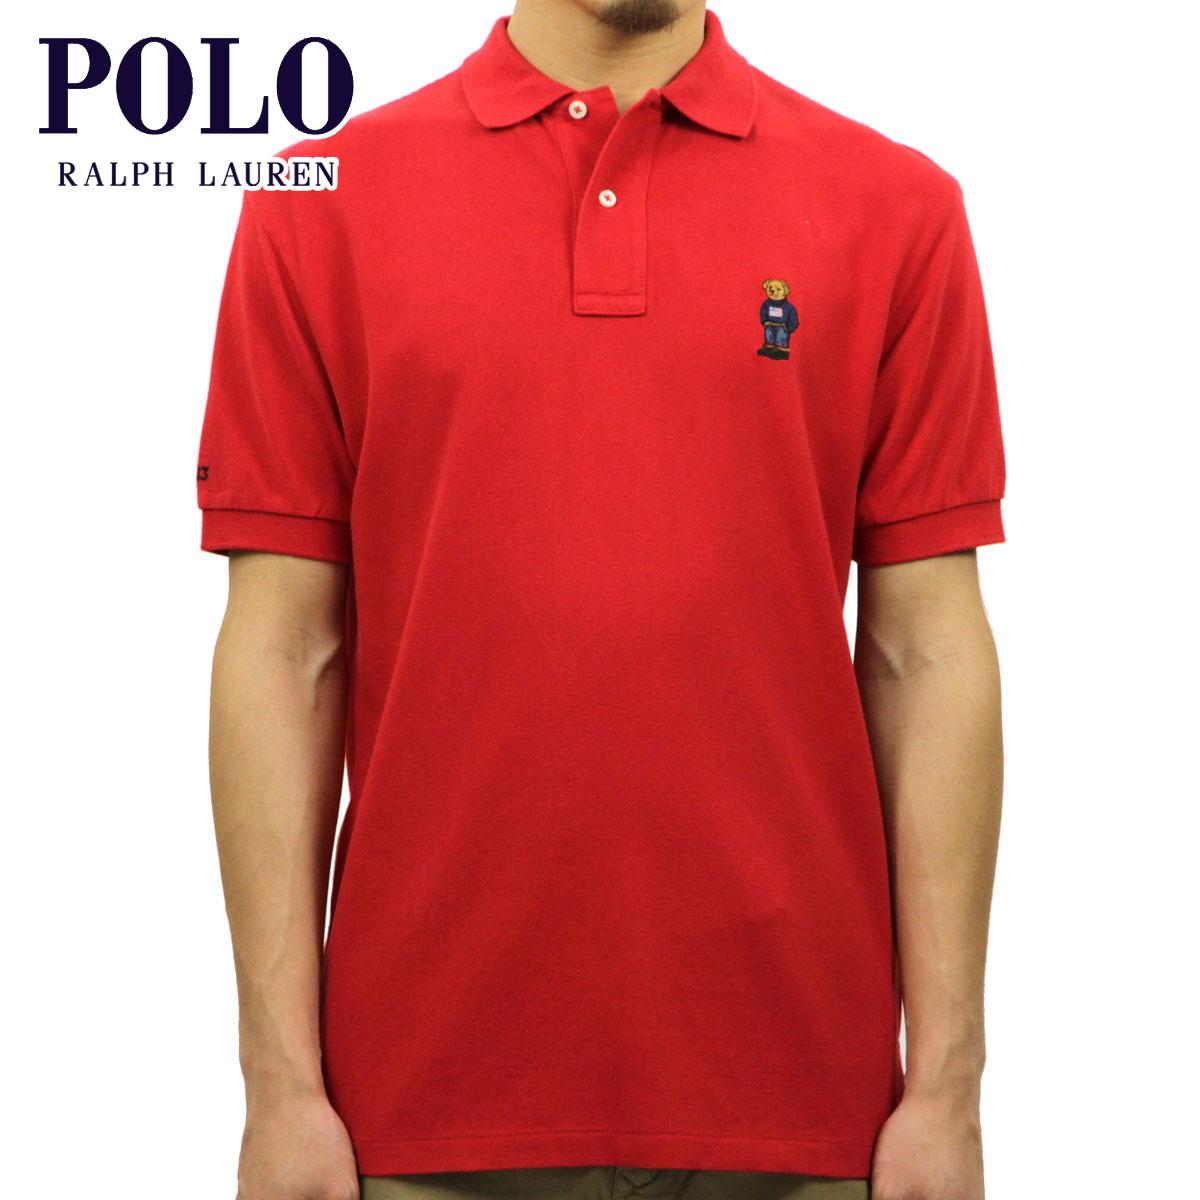 【販売期間 3/2 19:00~3/8 9:59】 ポロ ラルフローレン POLO RALPH LAUREN 正規品 メンズ ポロシャツ Classic-Fit Short-Sleeve Bear Polos